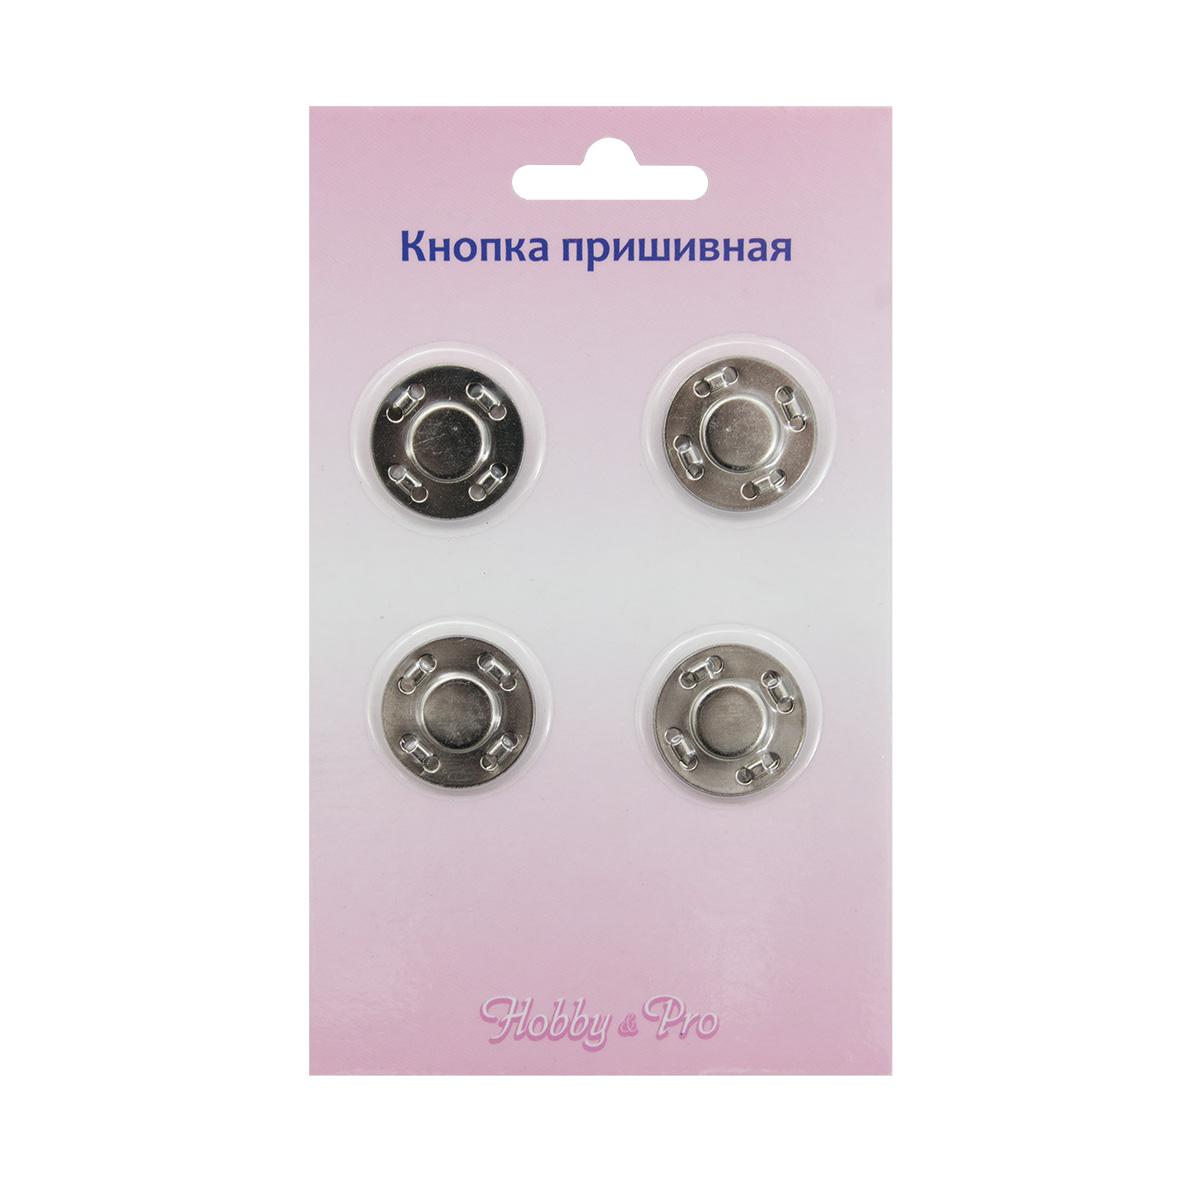 Кнопка магнитная пришивная 69015, 20 мм, никель, упаковка 4 шт., Hobby&Pro